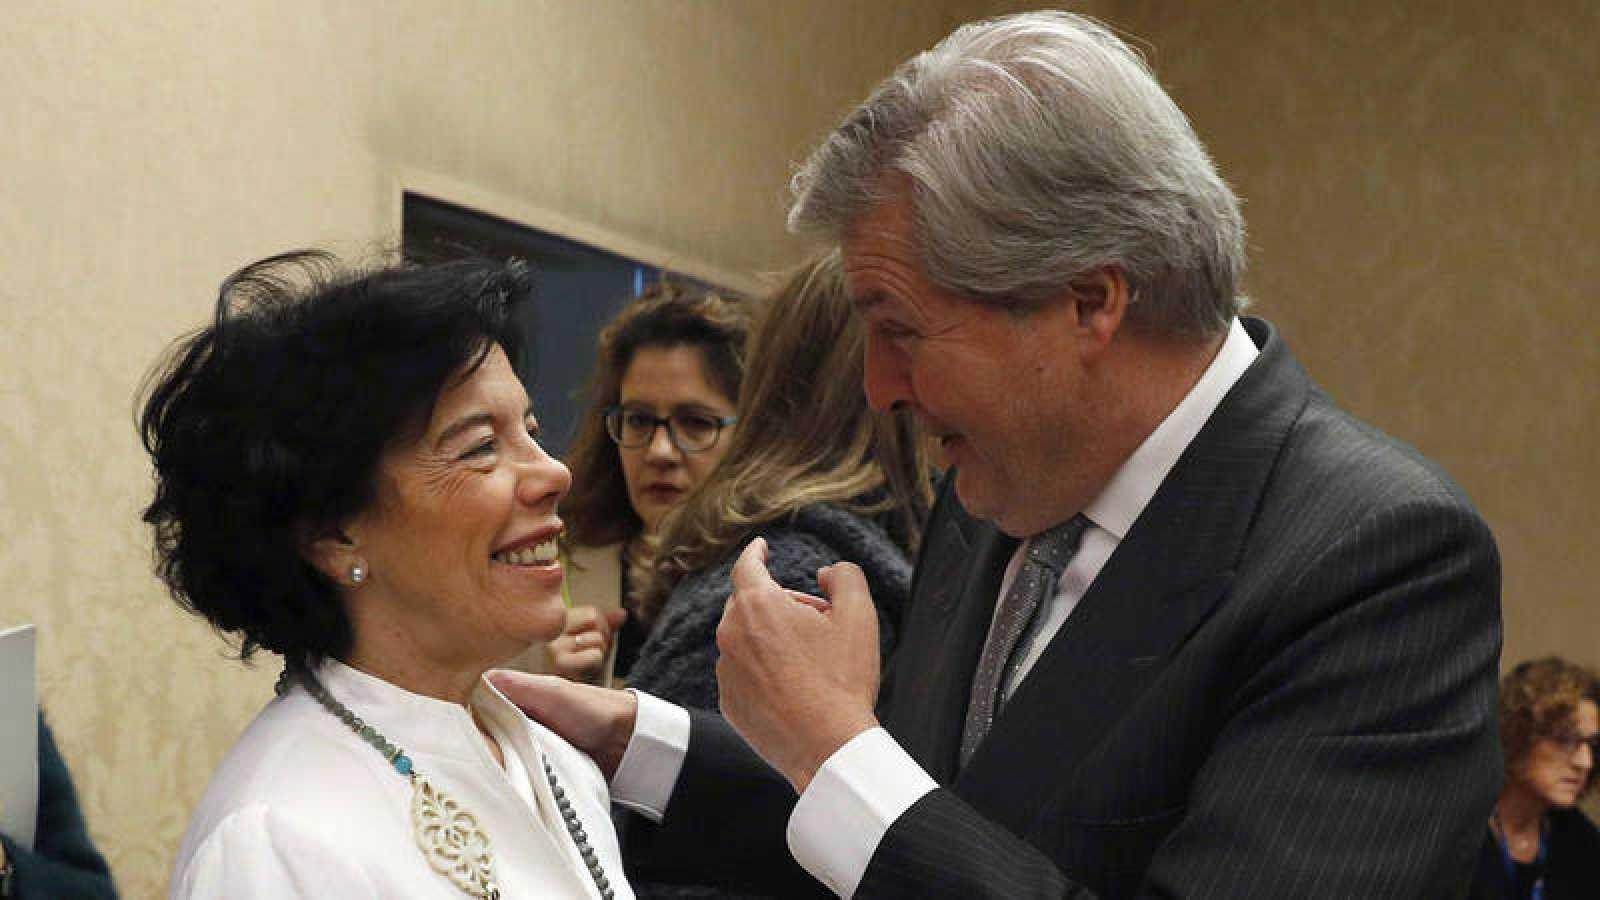 La ministra de Educación, Isabel Celaá, y el exministro Iñigo Méndez de Vigo, durante su comparecencia en el Congreso para presentar el proyecto de reforma de la LOMCE. EFE/J.J.Guillen